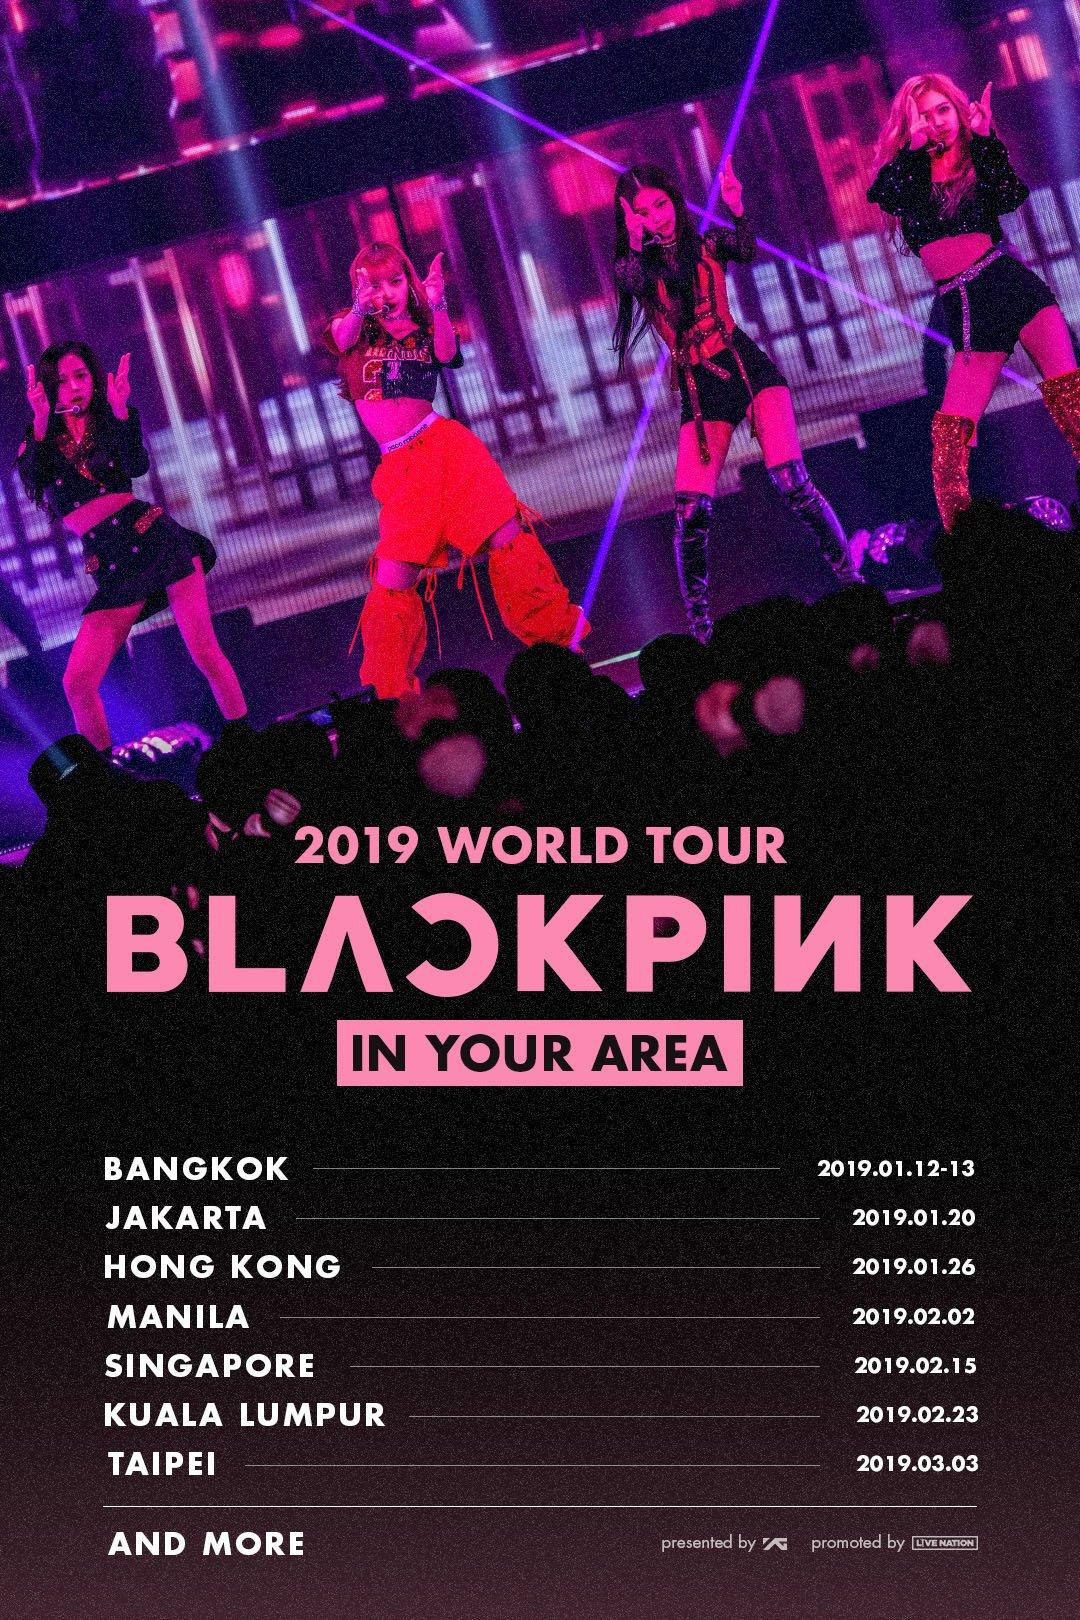 Indonesia menjadi salah satu negara yang akan dikunjungi oleh Blackpink dalam world tour-nya nih Teens (dok. YG Entertainment)